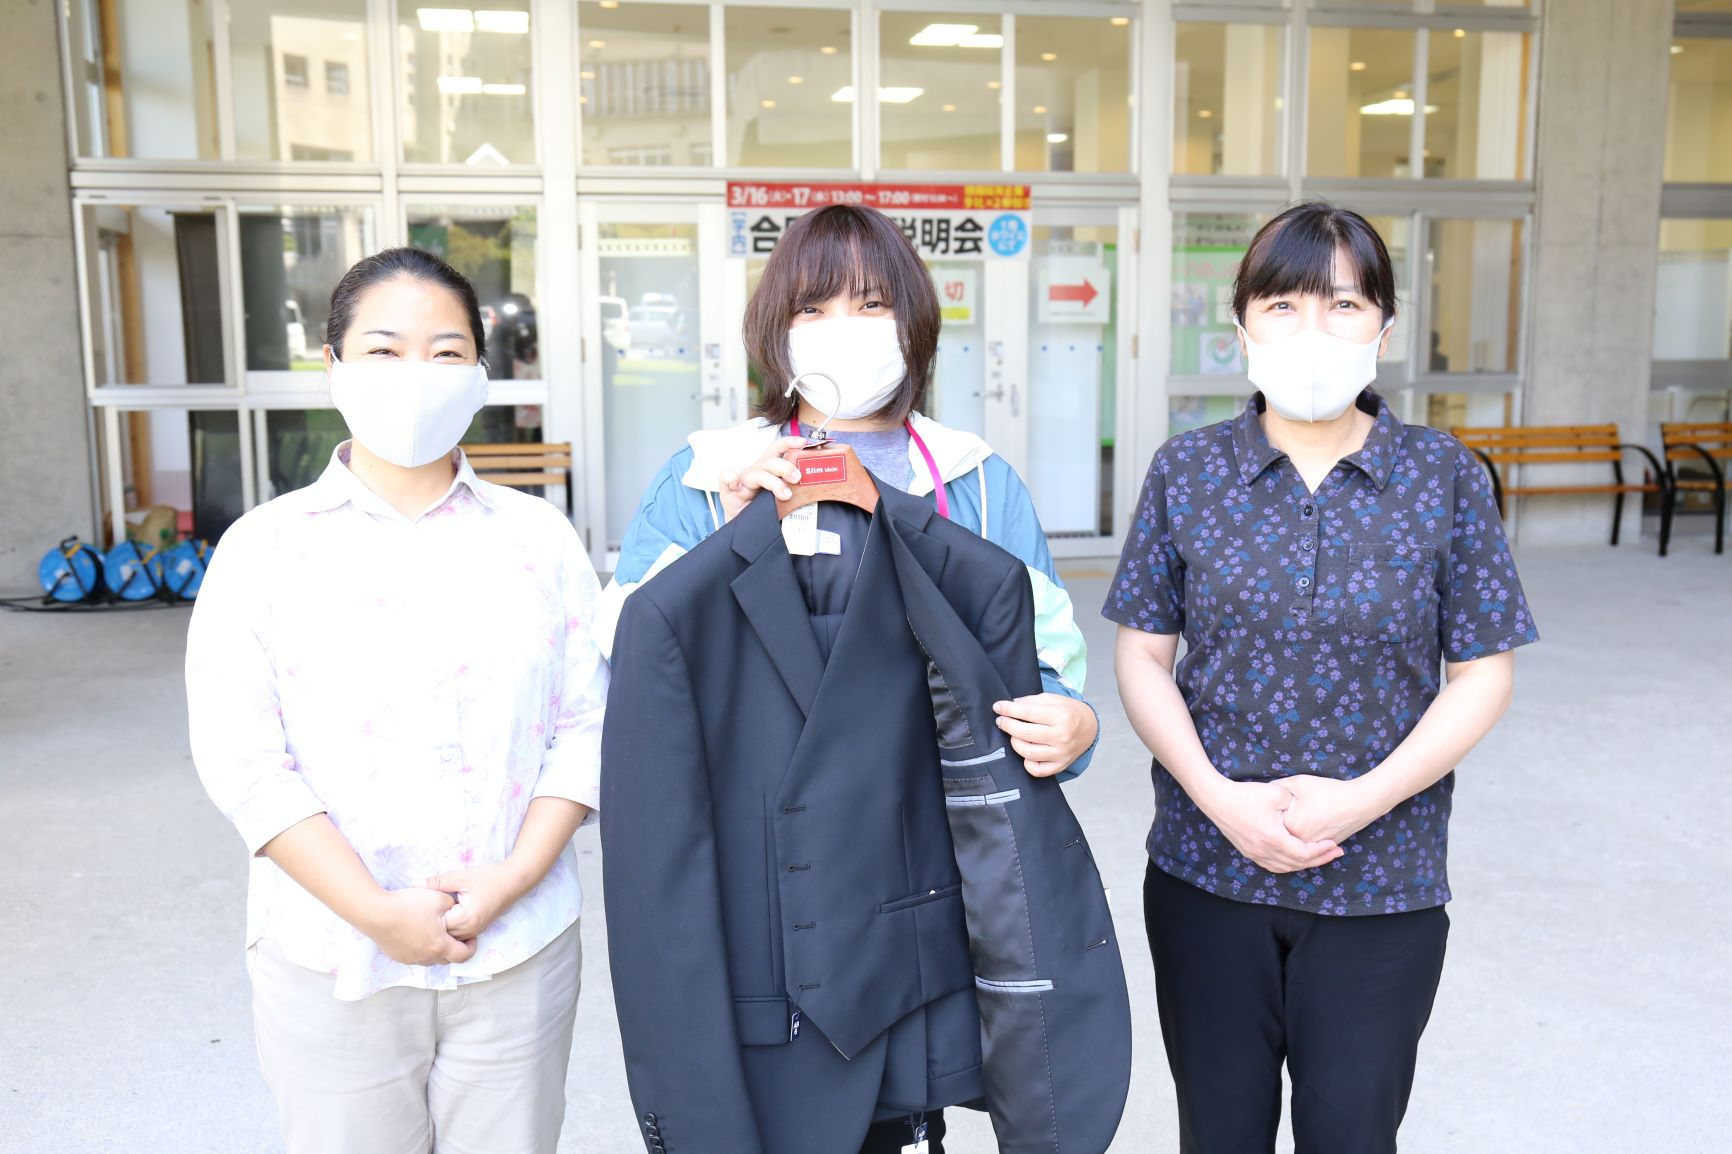 イオン琉球株式会社様から学生へのスーツ寄贈